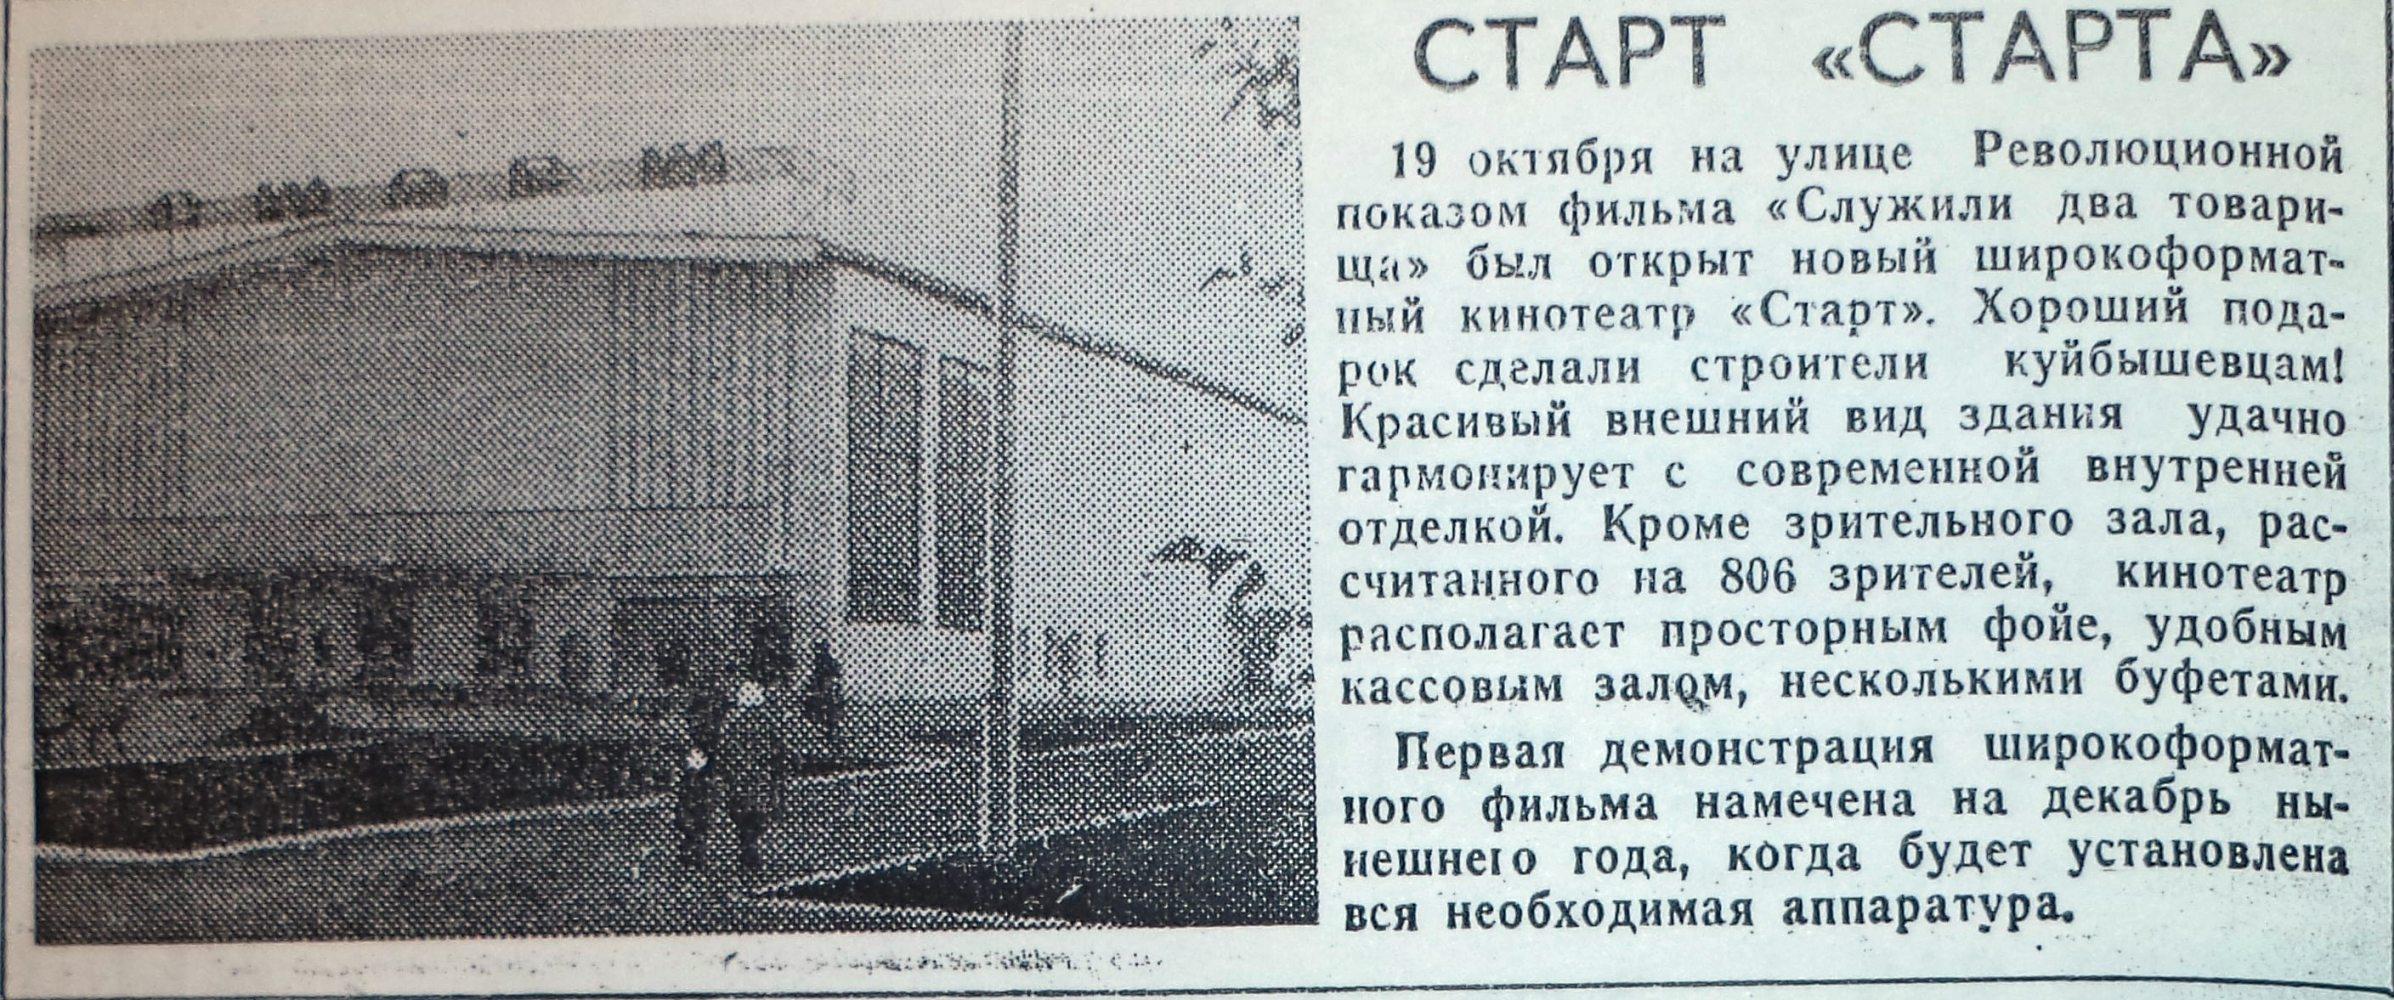 Революционная-ФОТО-62-ВКц-1968-10-22-открытие к-ра Старт